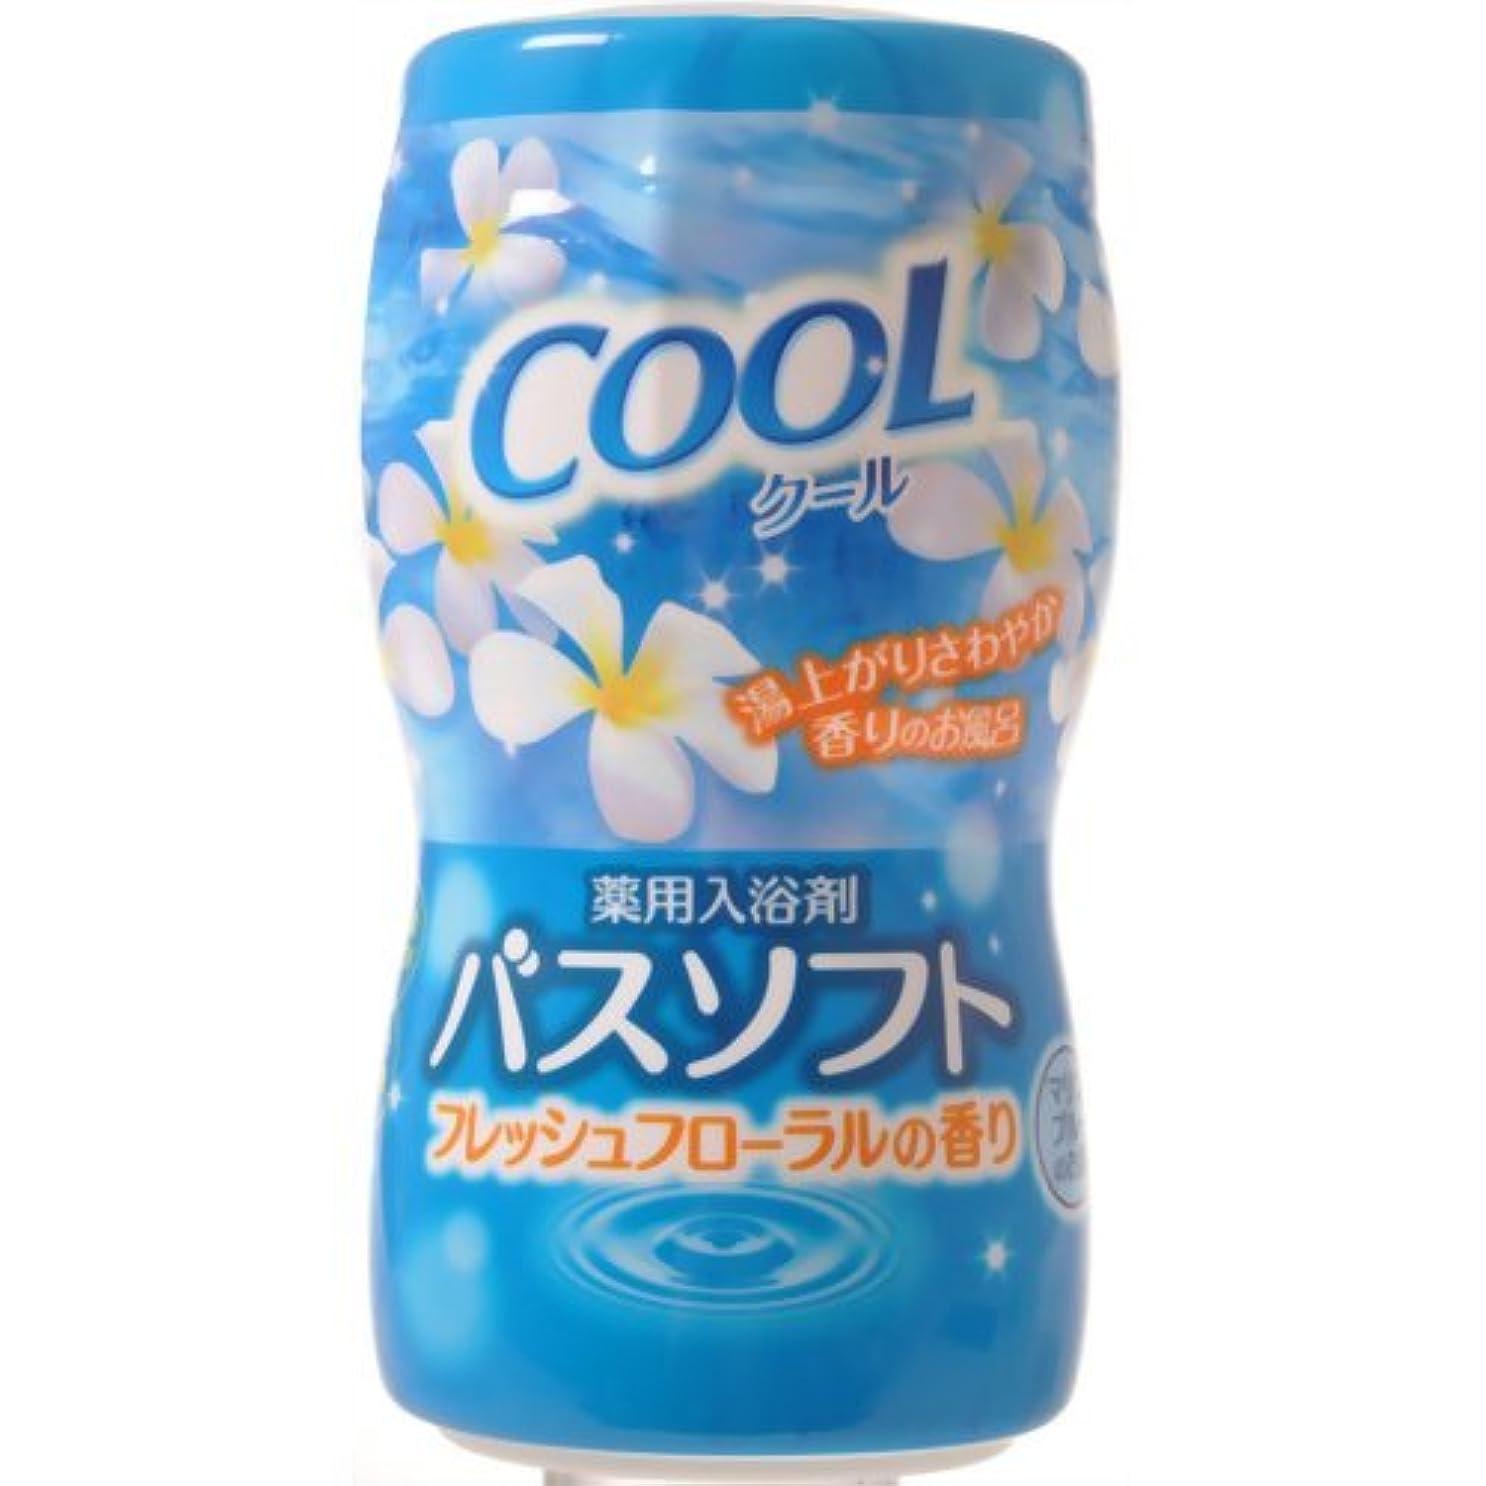 波署名能力【オカモト】薬用入浴剤バスソフト クール 700g